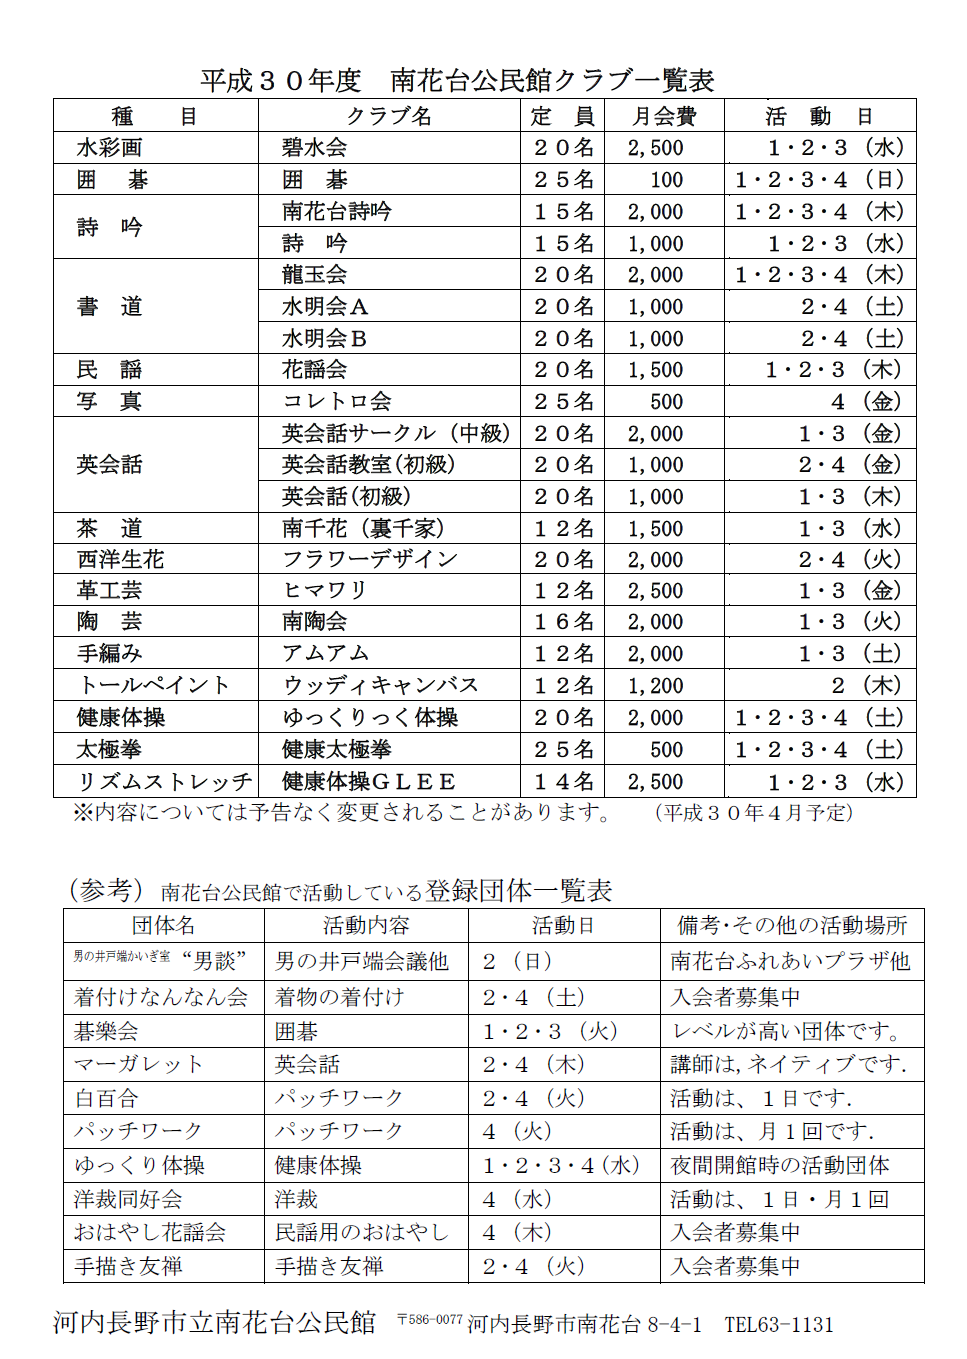 平成30年度南花台公民館クラブ一覧表(参考:登録団体